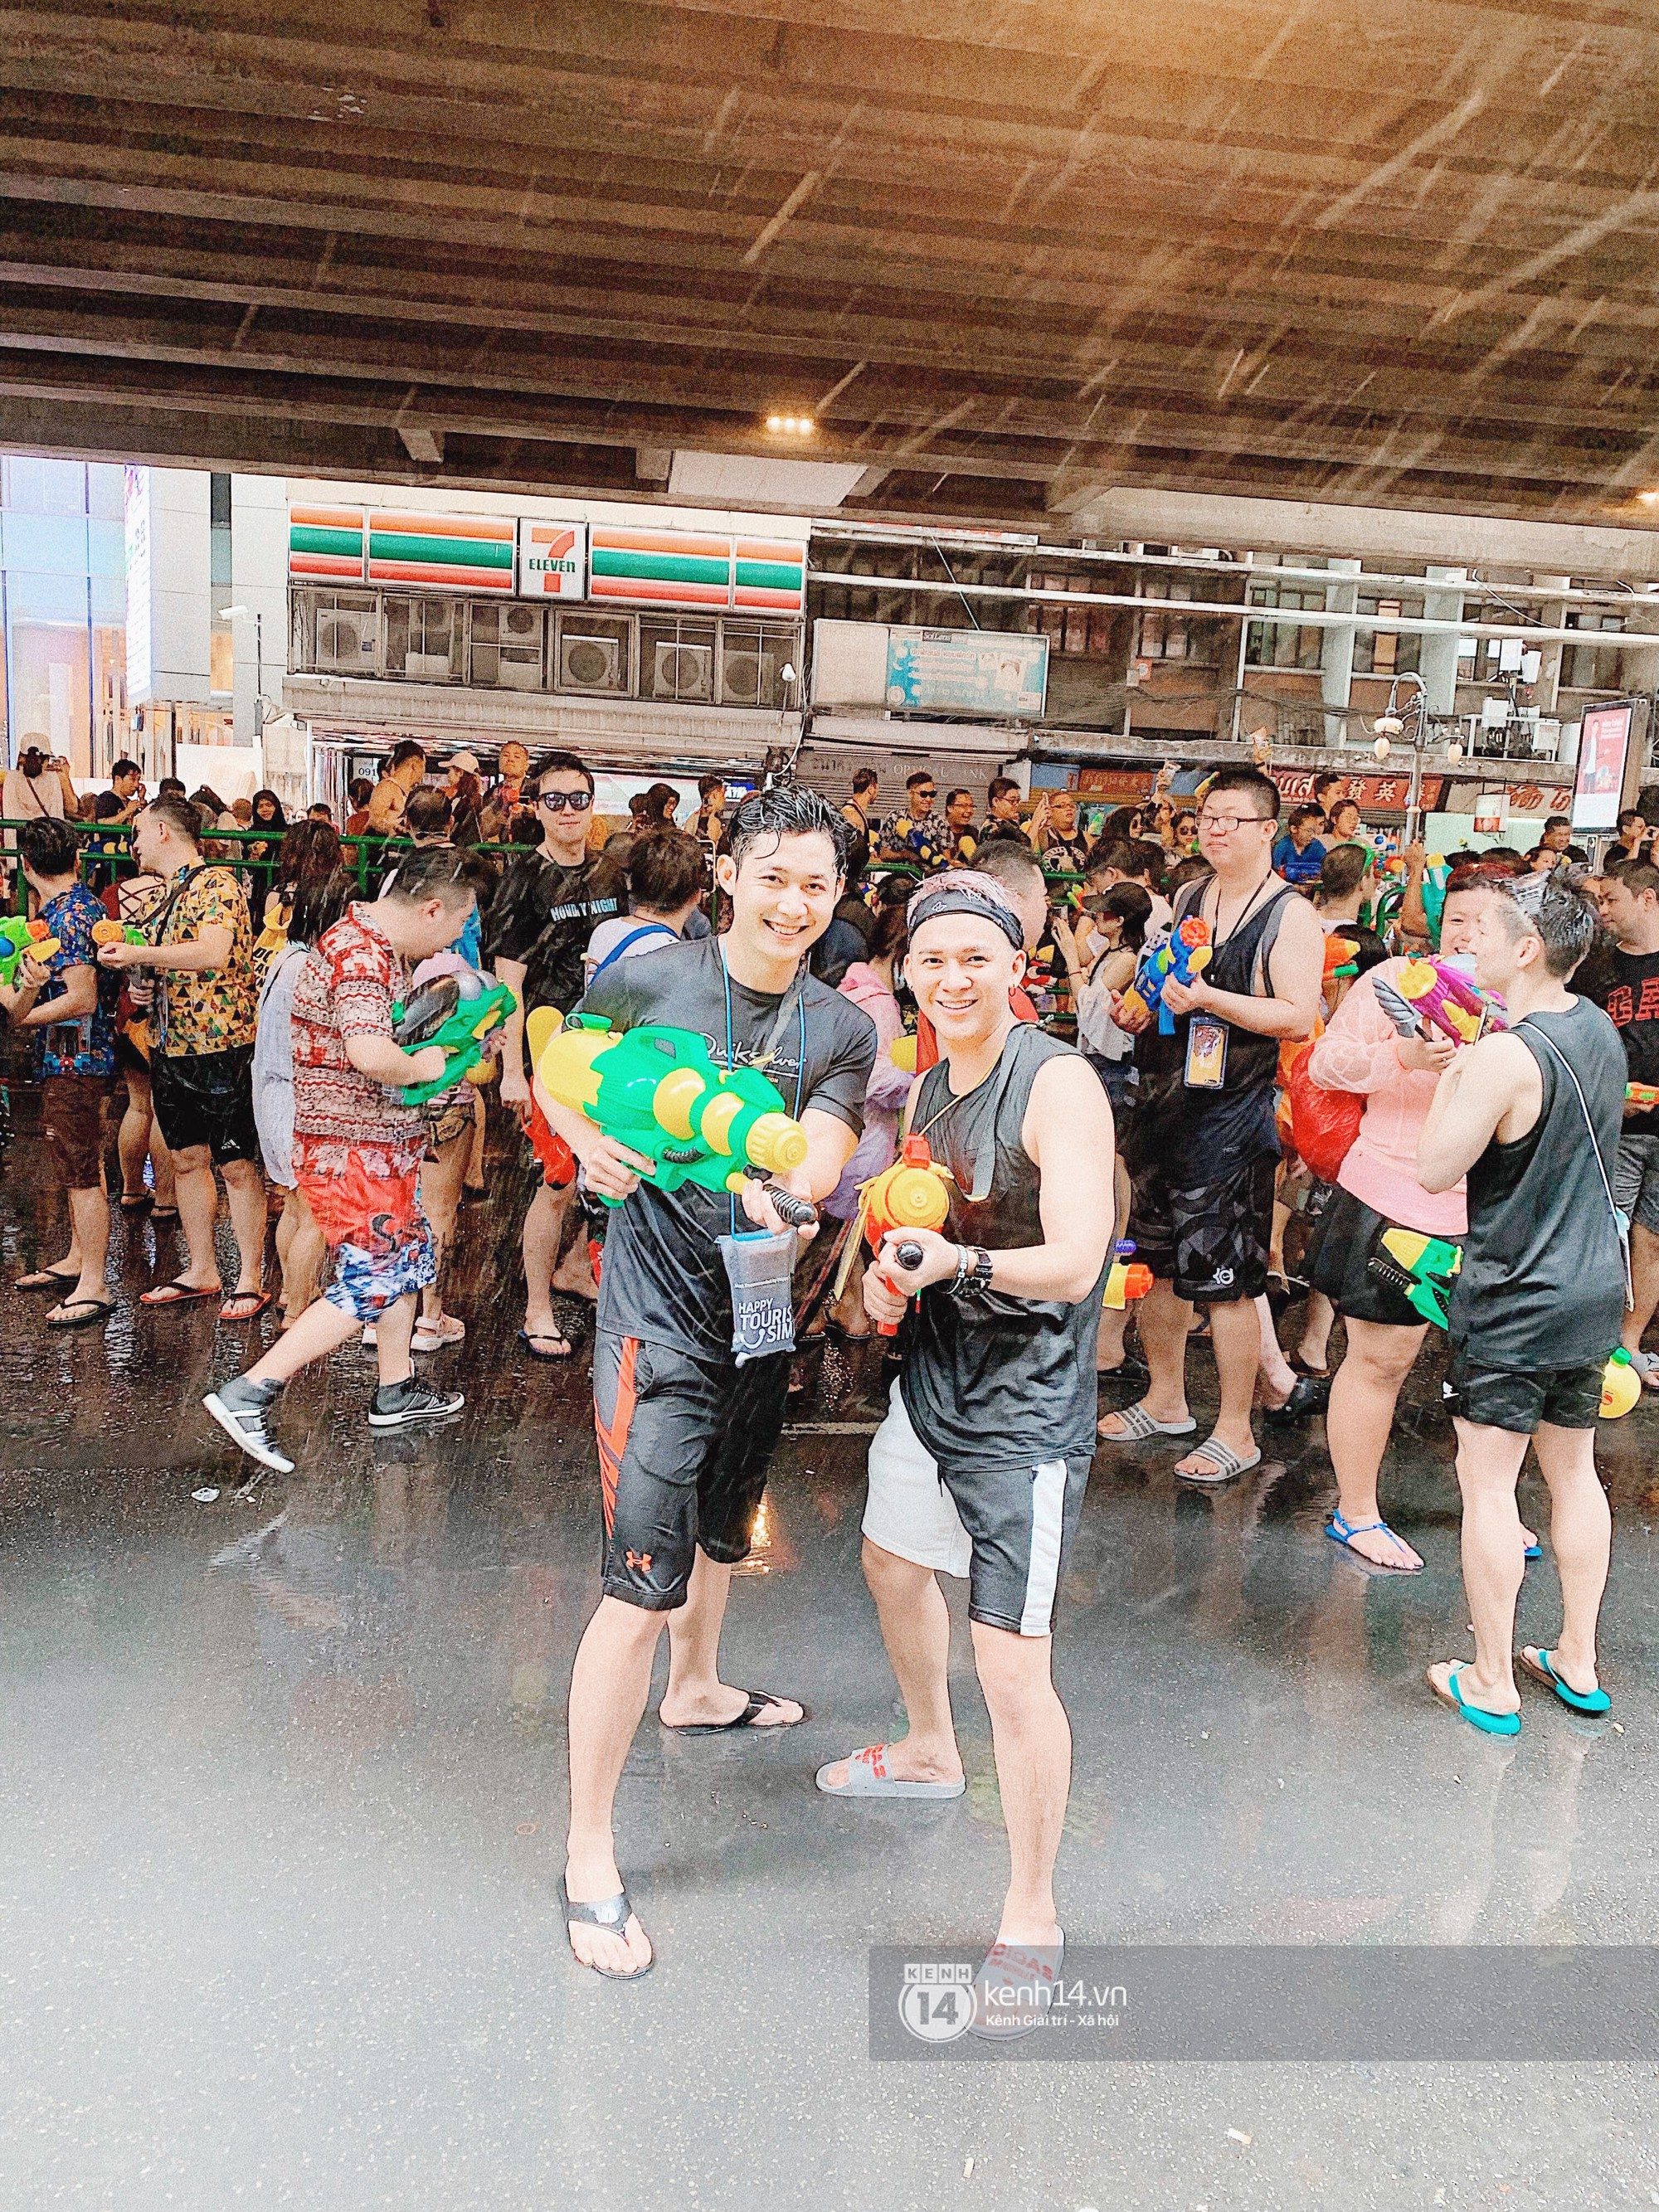 Hàng ngàn bạn trẻ Việt đang đổ về Bangkok để hoà vào dòng người chơi té nước Songkran! - Ảnh 9.